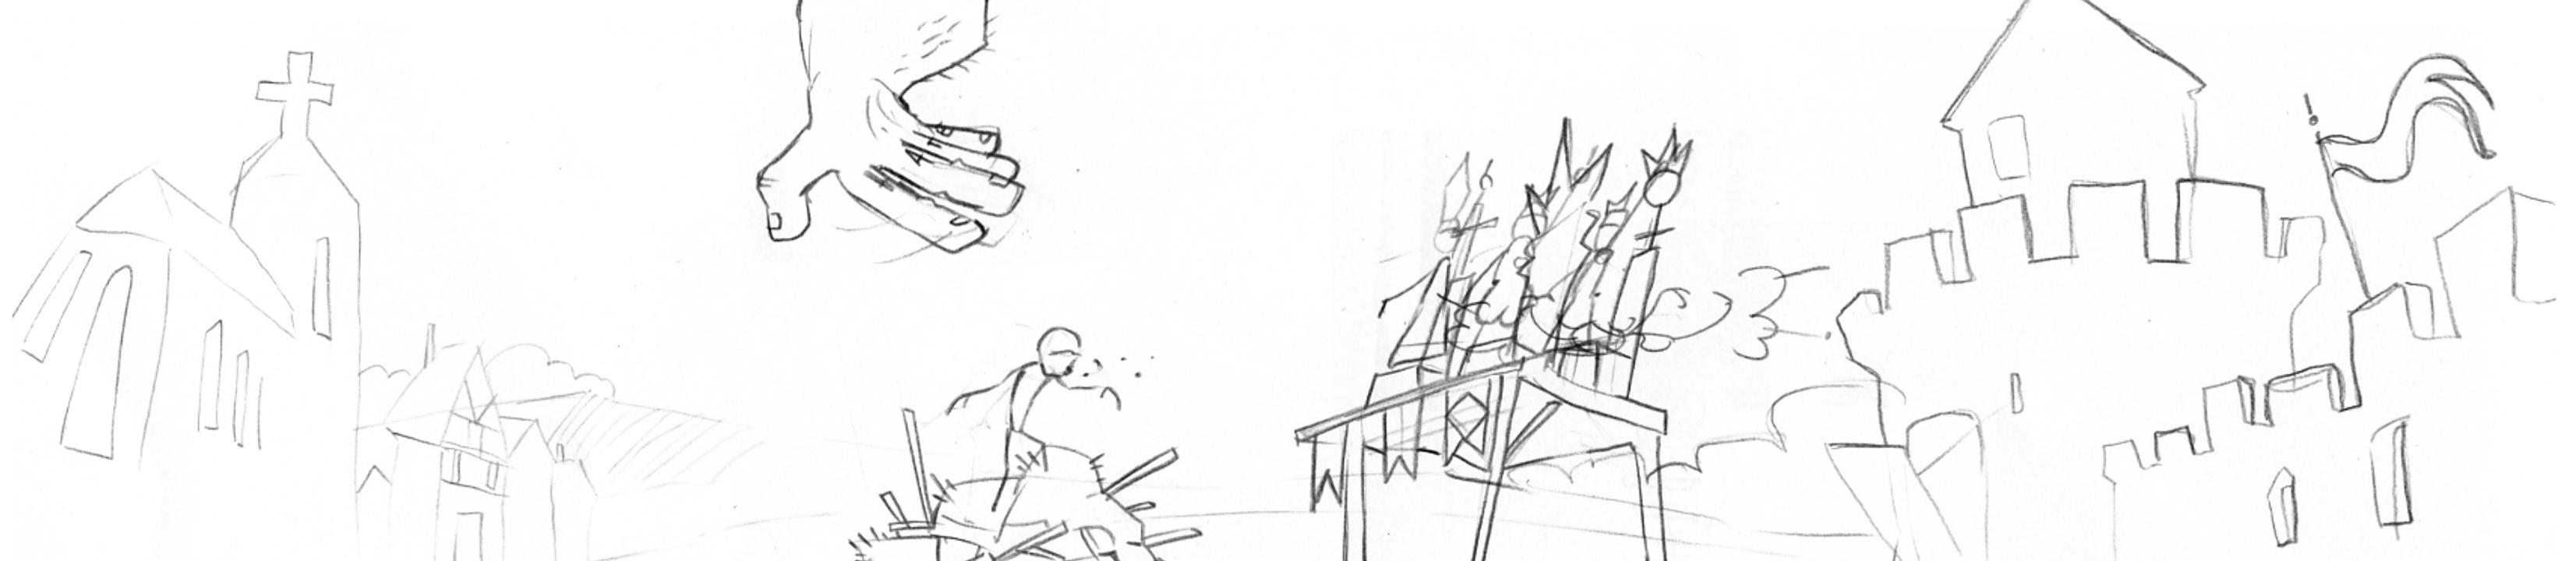 Entscheiden_Storyboard_02